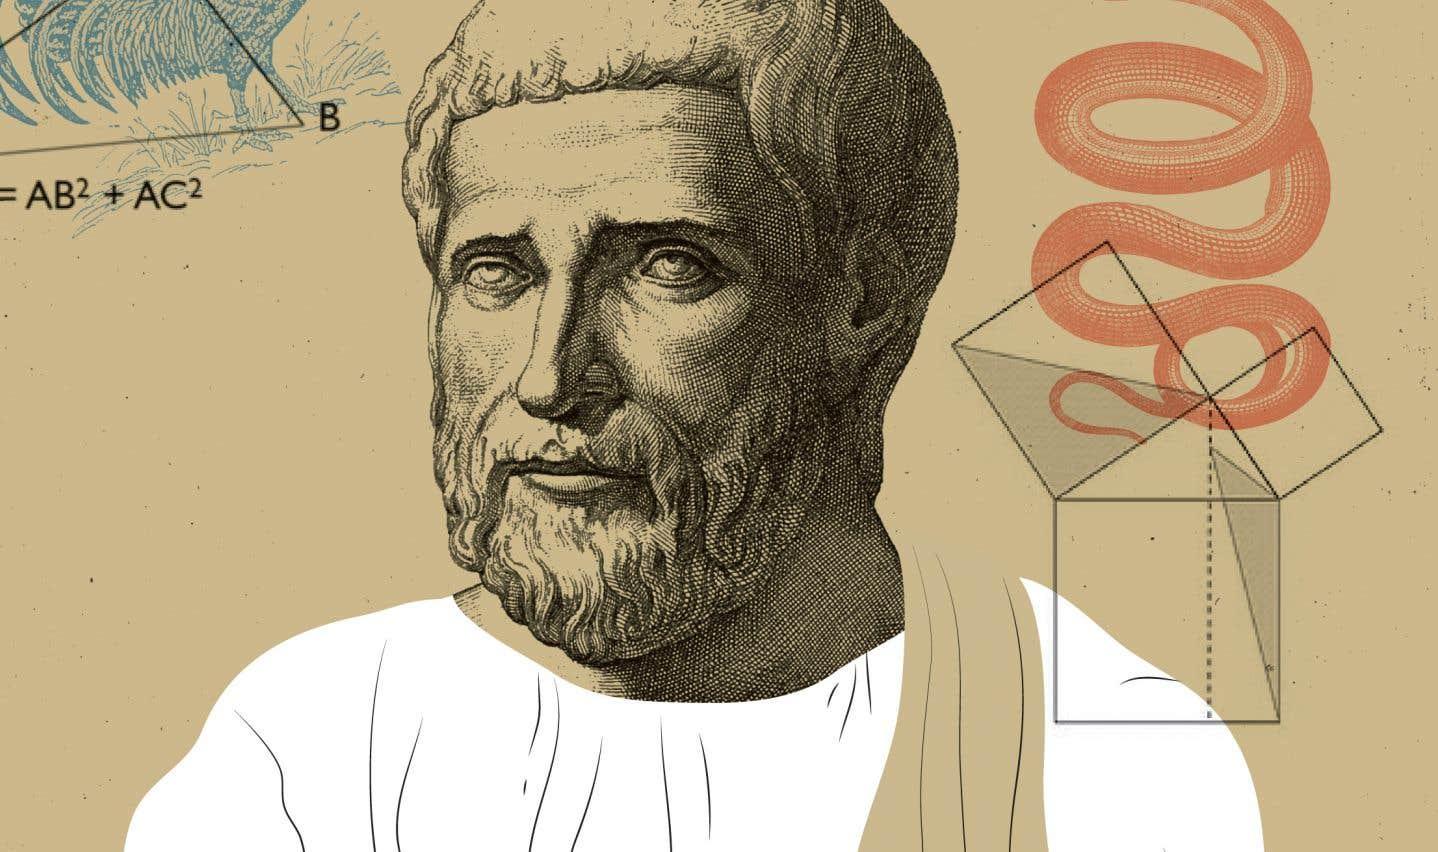 Pythagore, la source philosophique des véganes